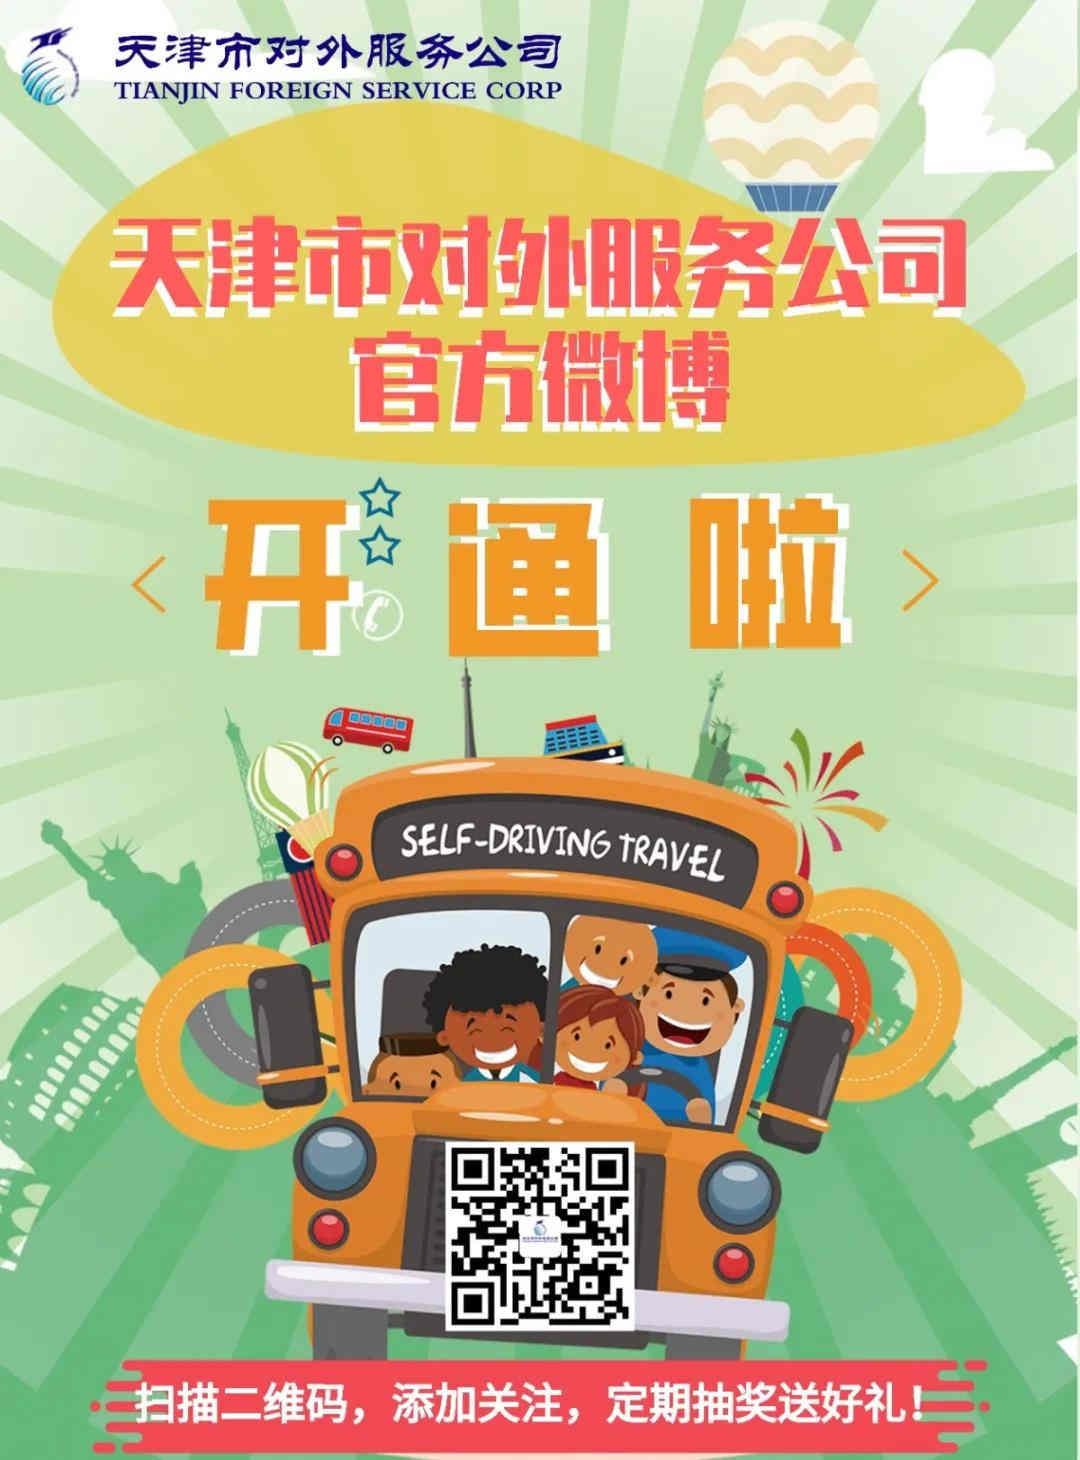 天津市对外服务公司开通微博啦